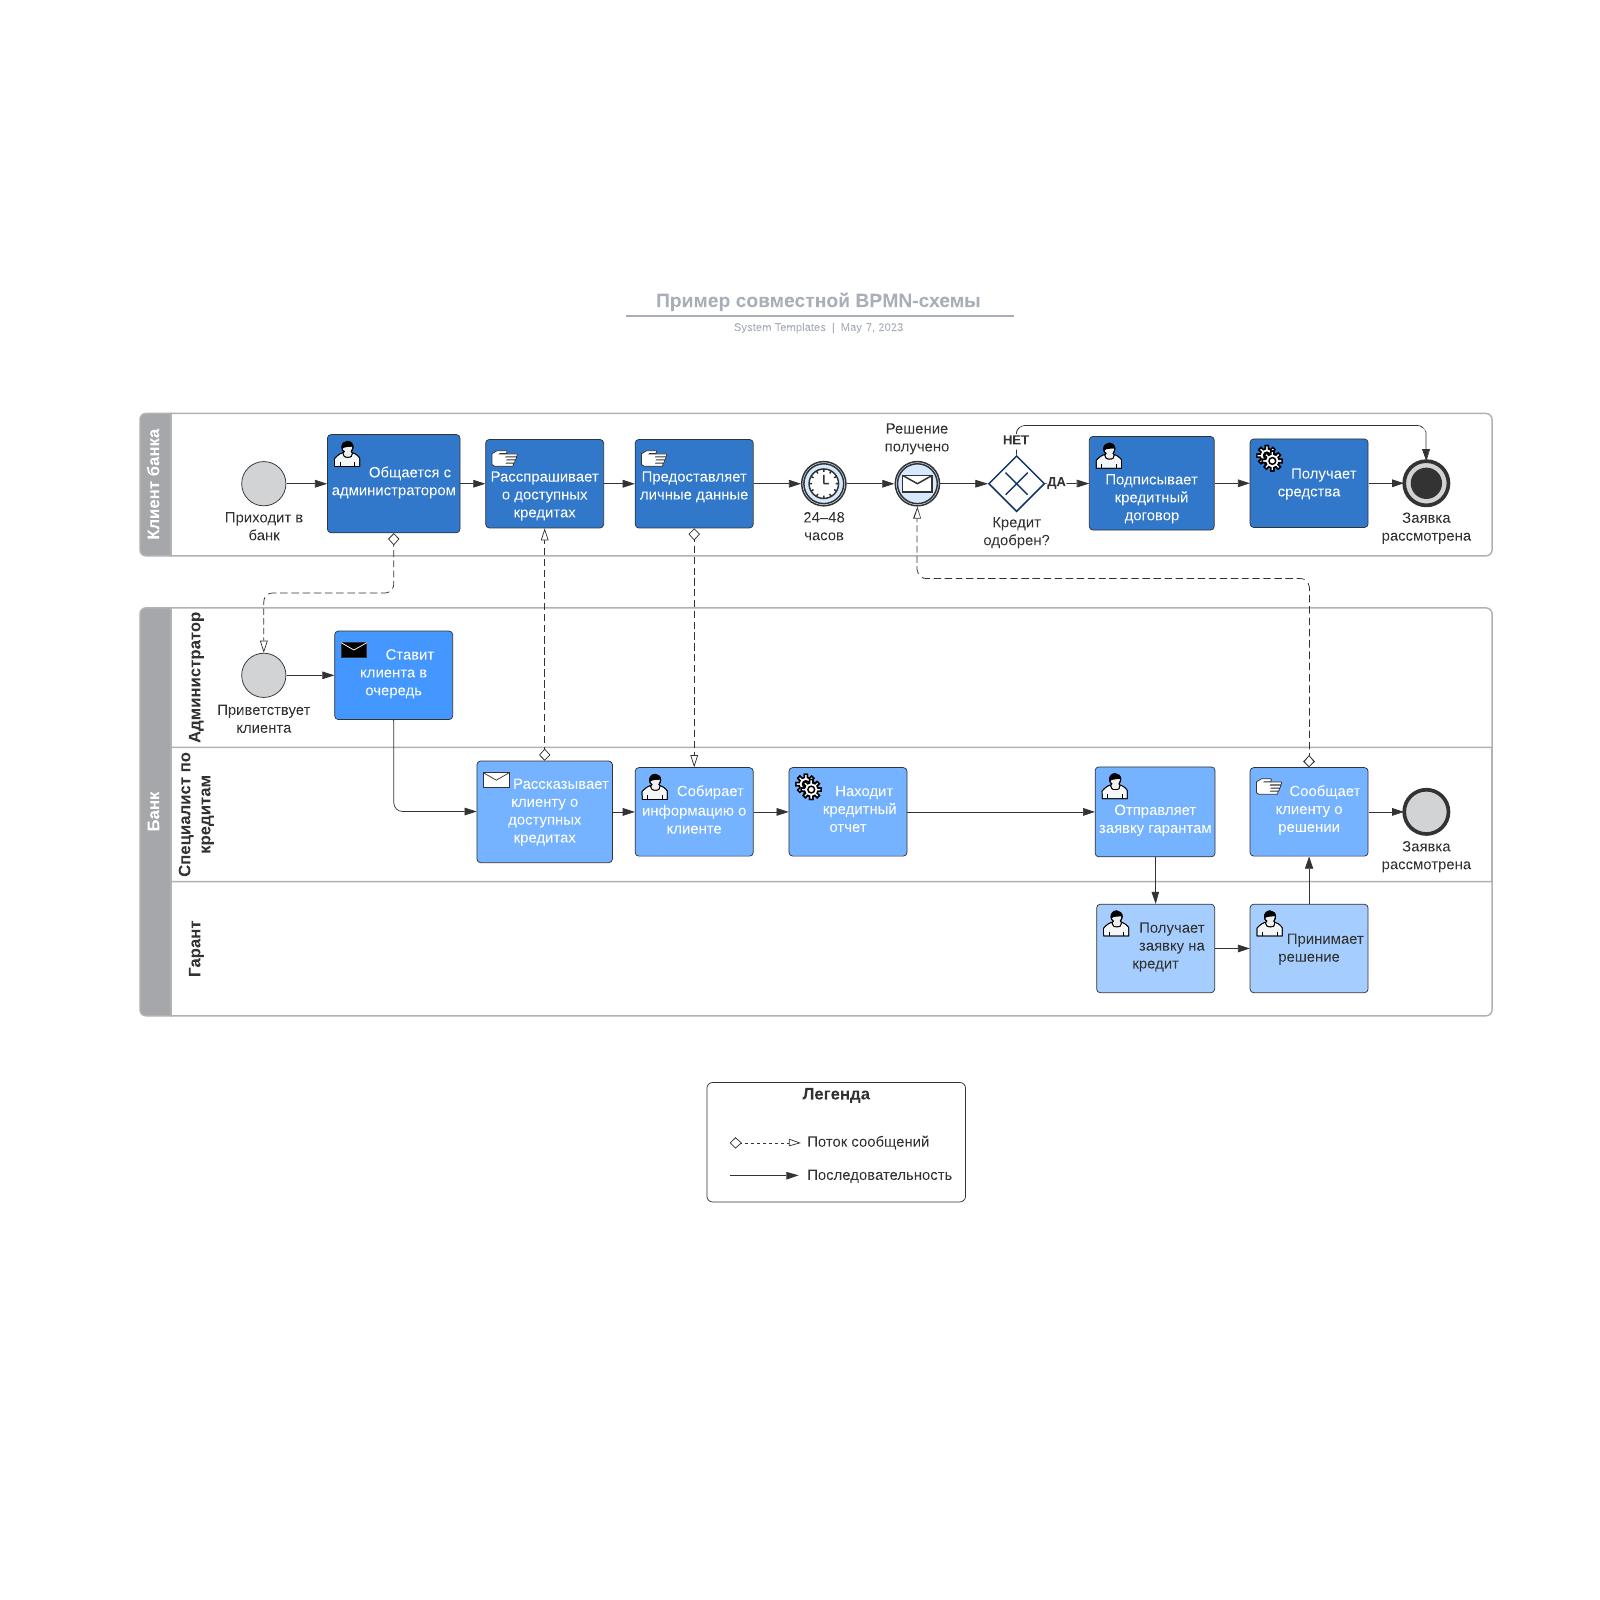 Пример совместной BPMN-схемы